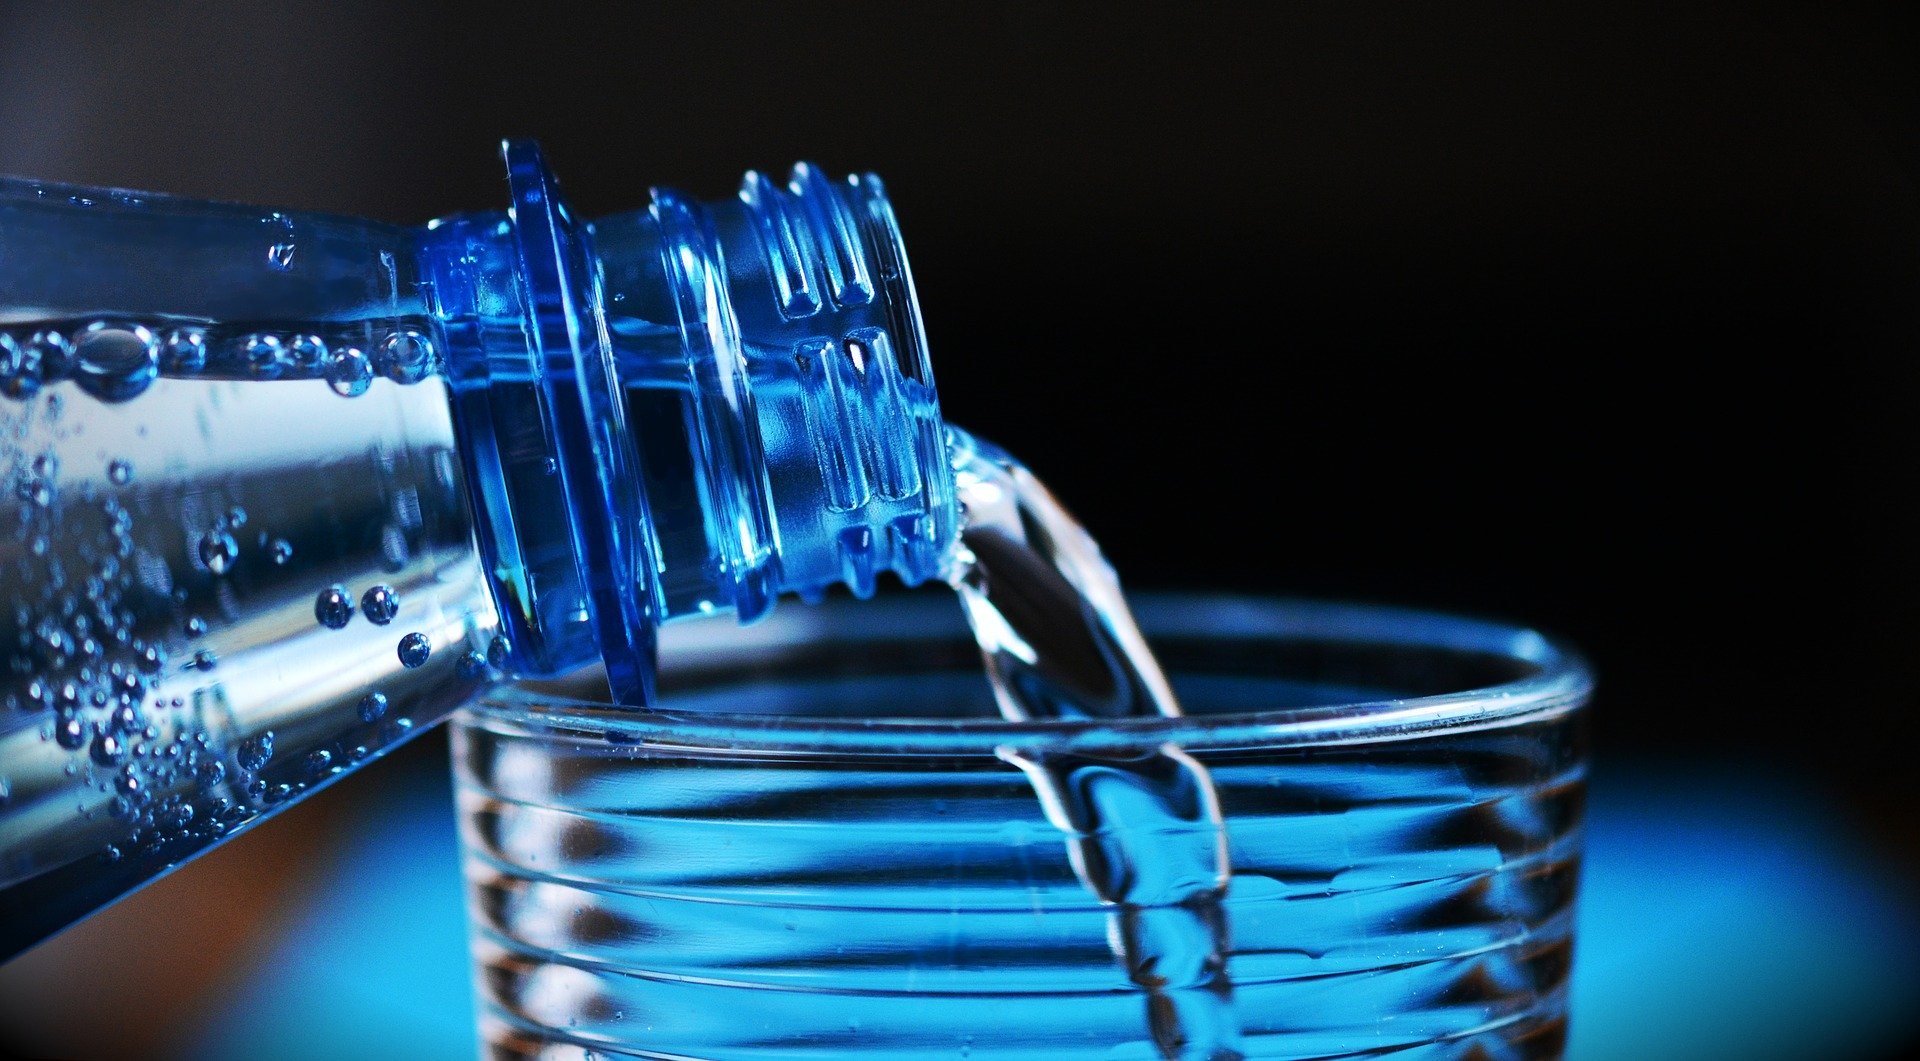 woda nalewana do szklanki z butelki